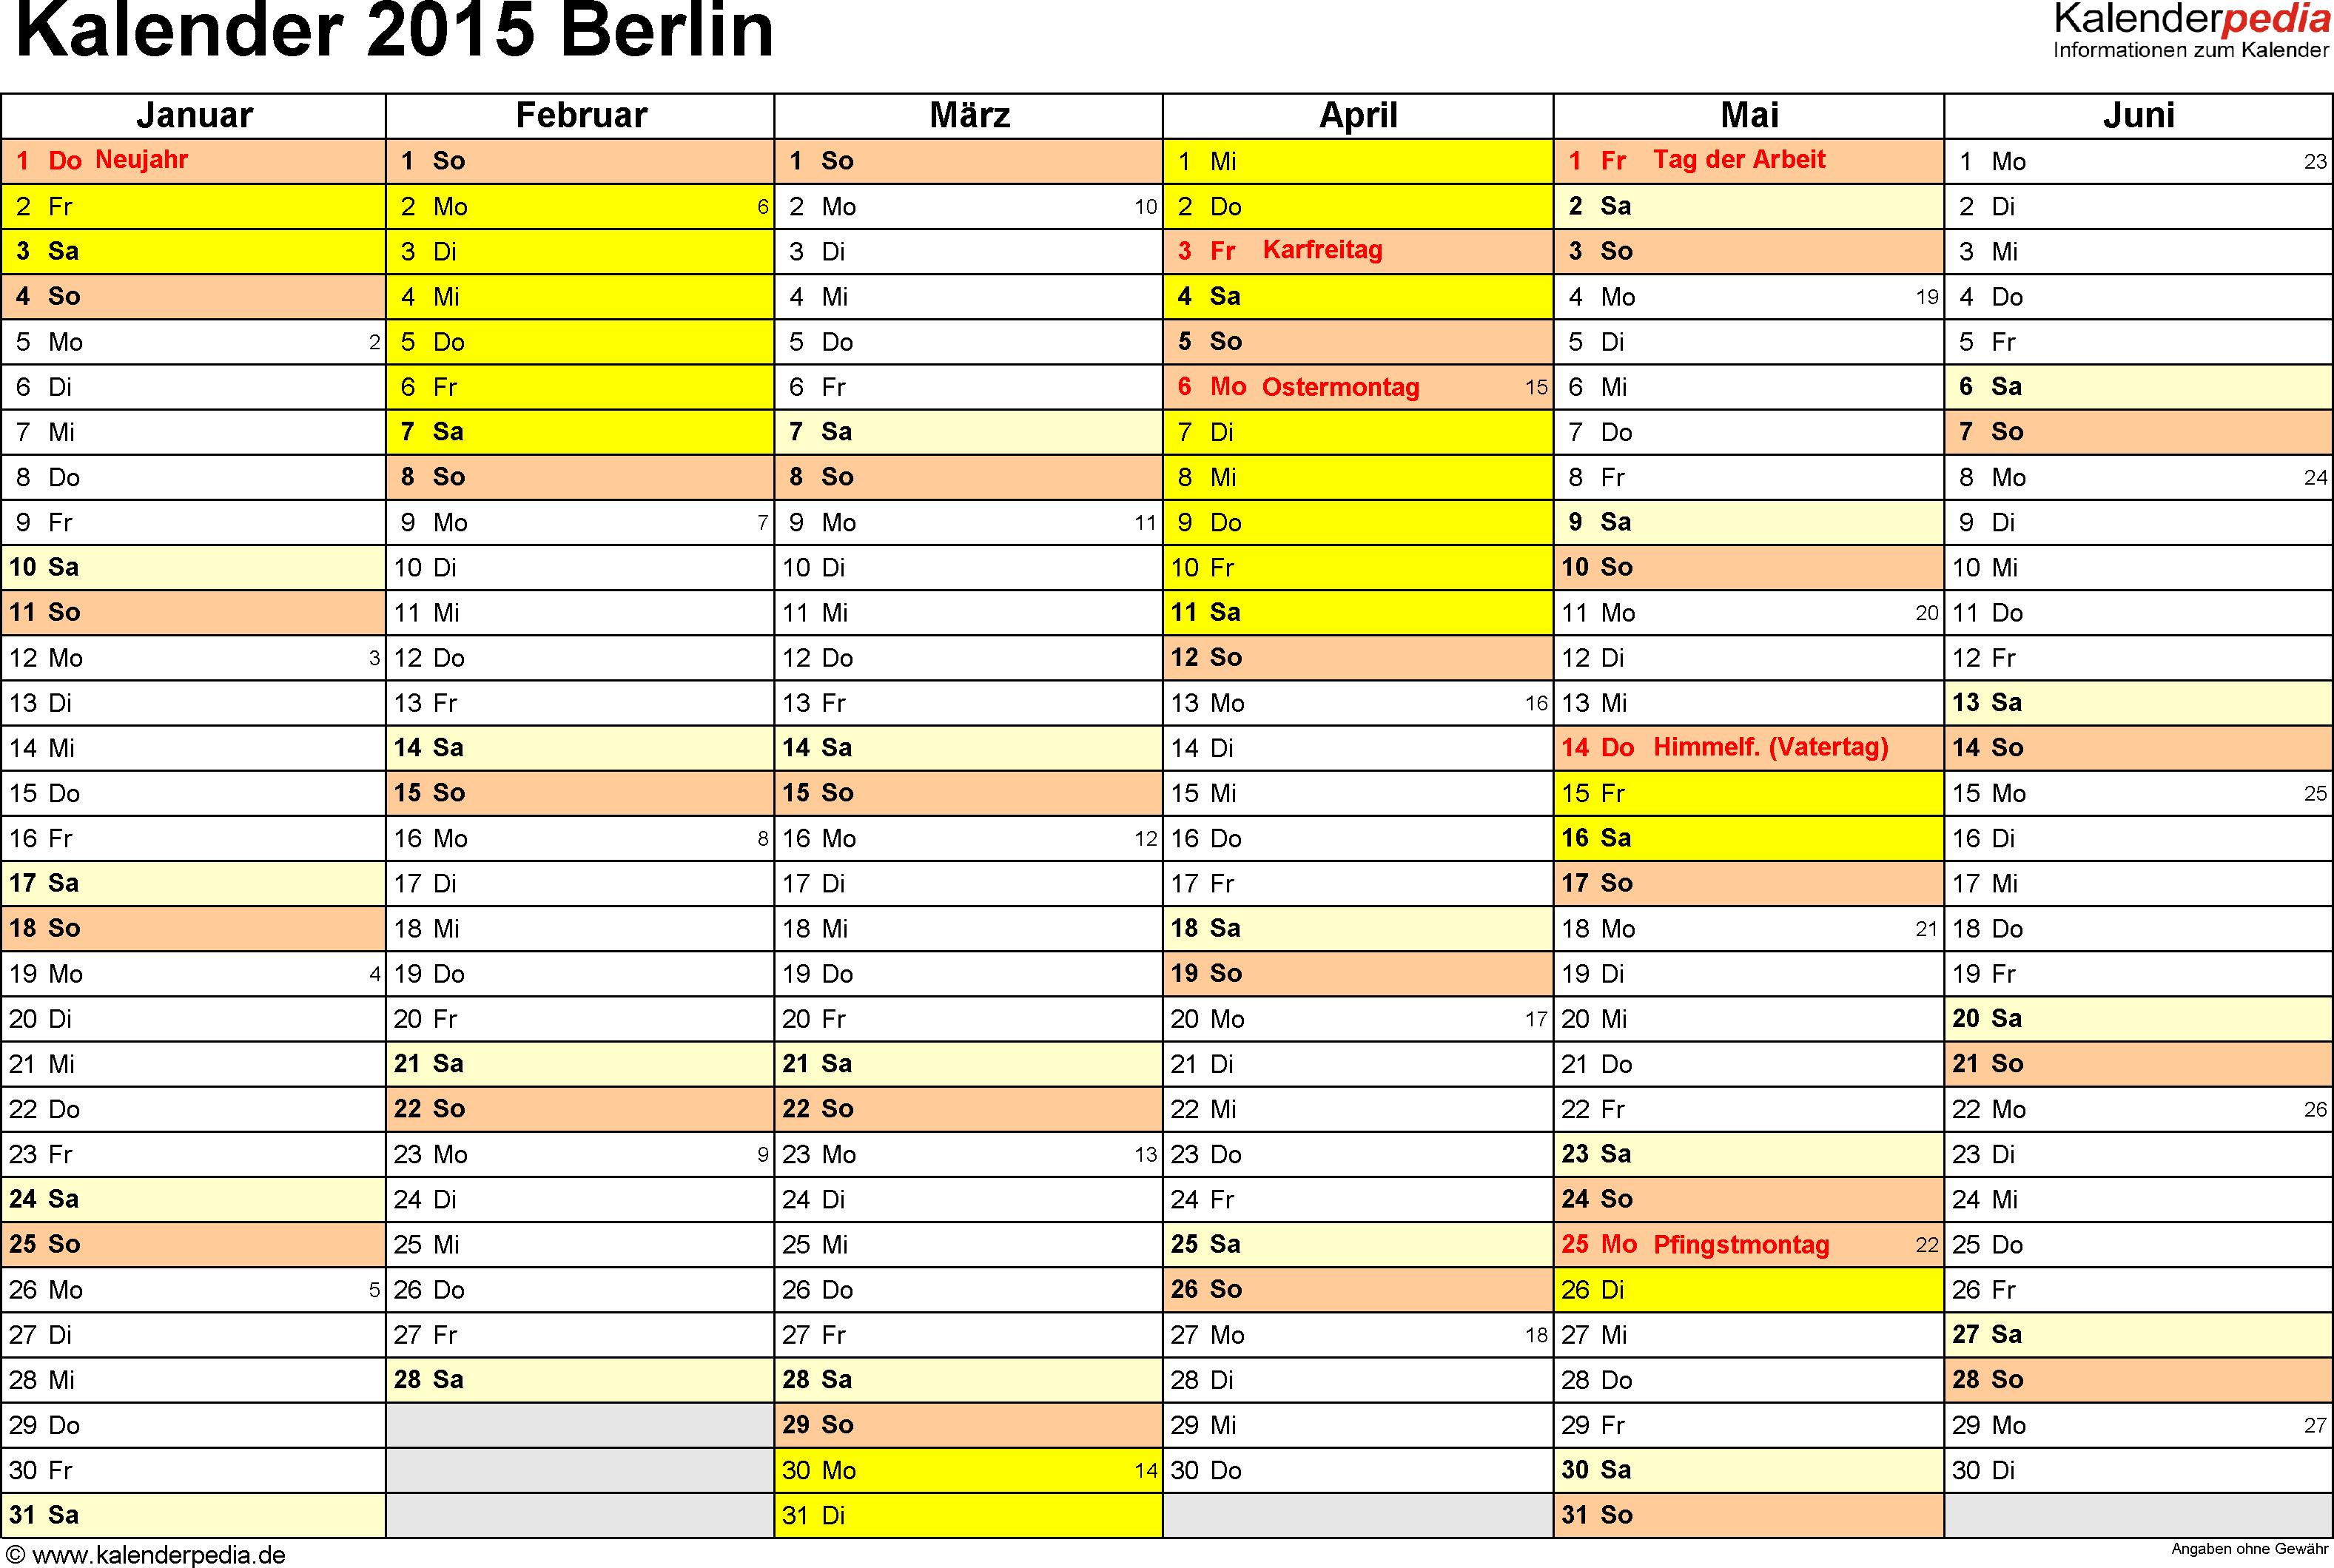 Vorlage 3: Kalender 2015 für Berlin als Excel-Vorlagen (Querformat, 2 Seiten)